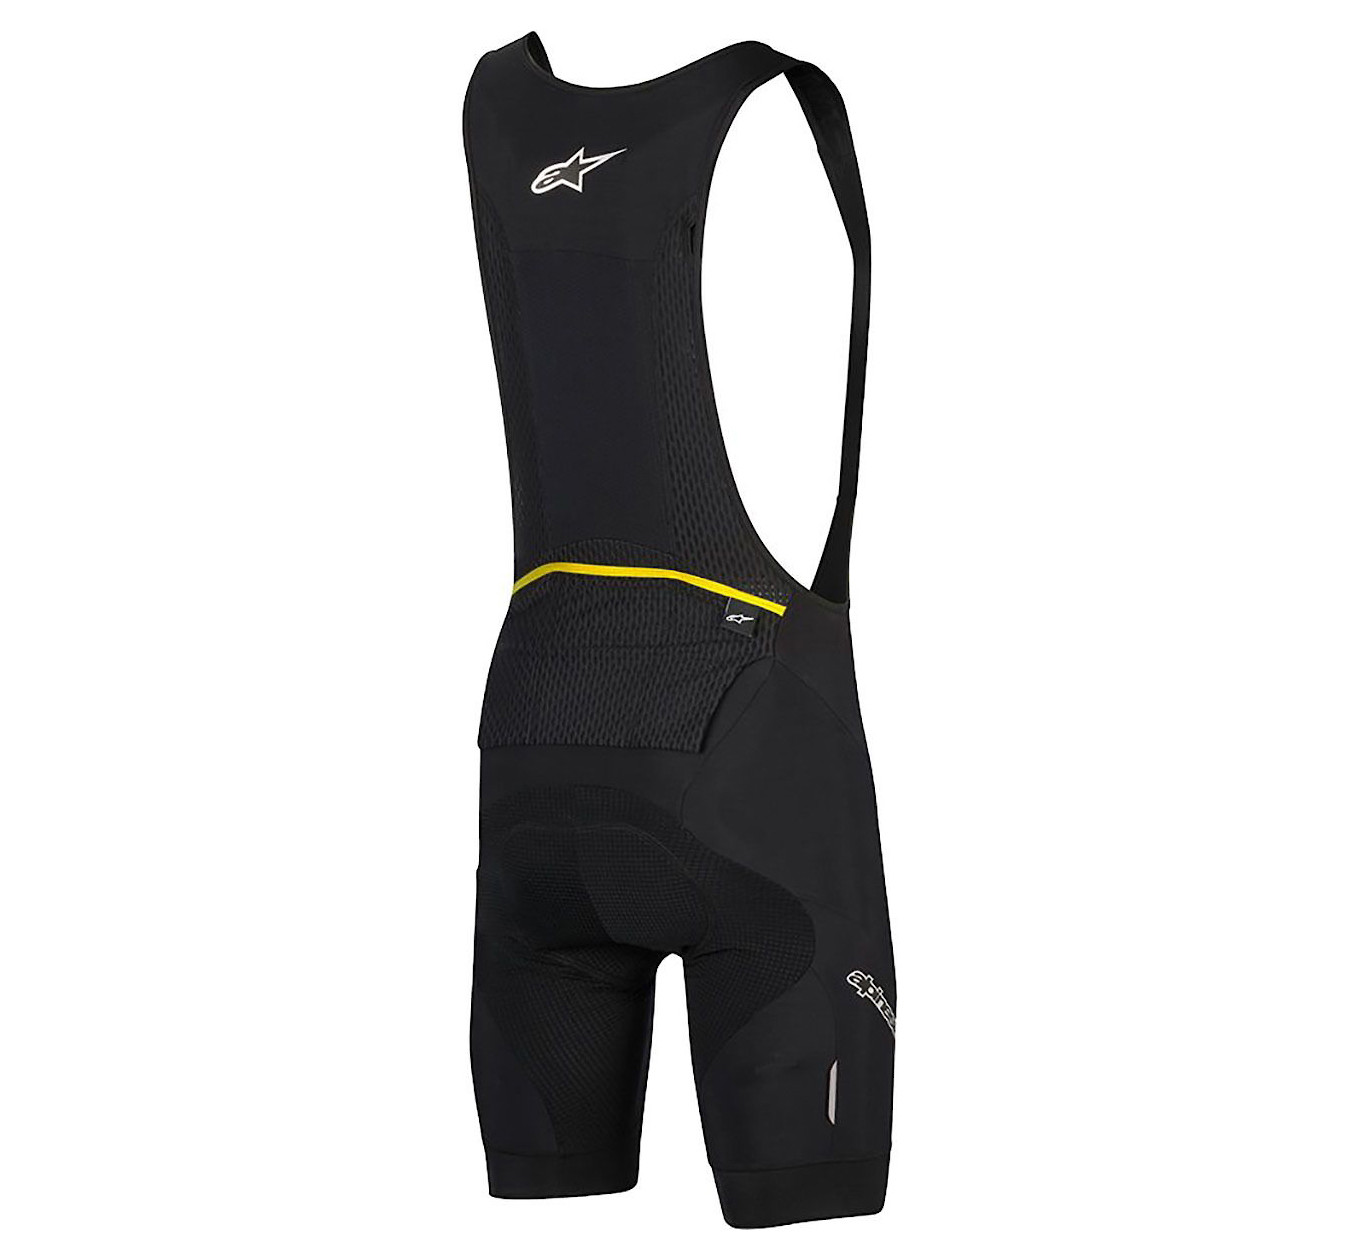 Alpinestars Paragon Bib Shorts